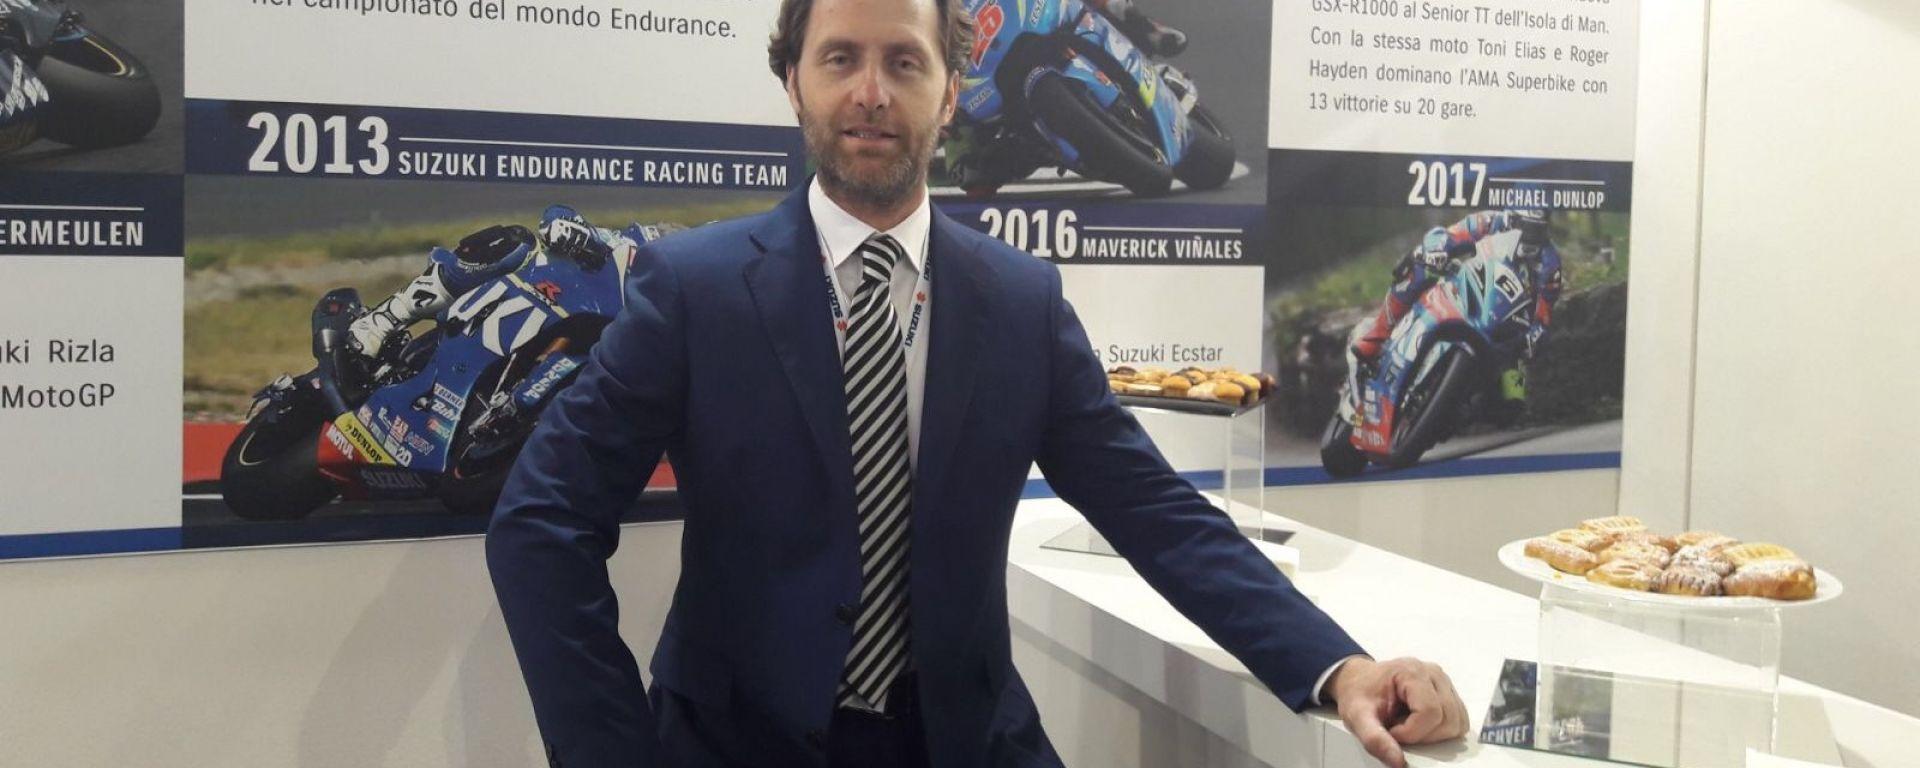 Enrico Bessolo, Direttore Commerciale Suzuki Italia